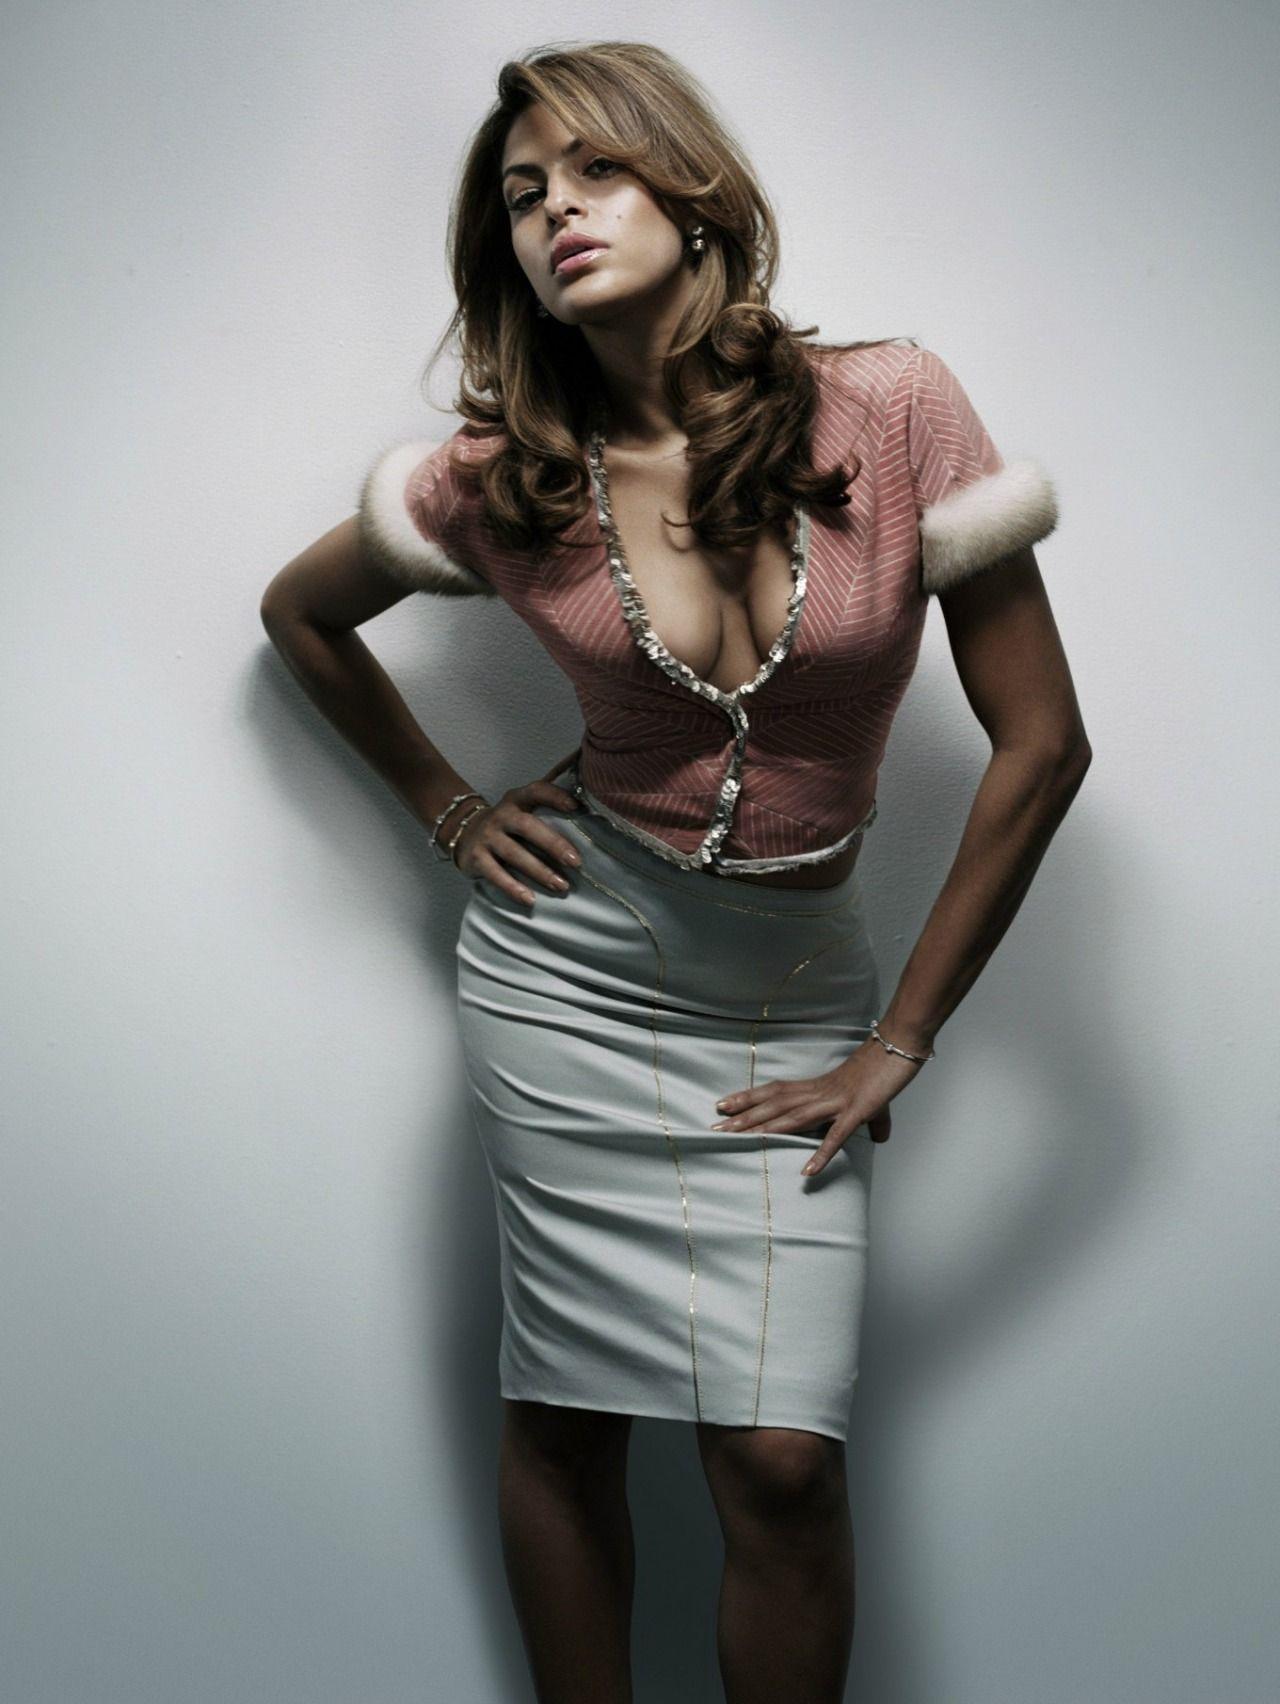 Jennifer Love Hewitt Best Ever Sexy Collection (47 Photos